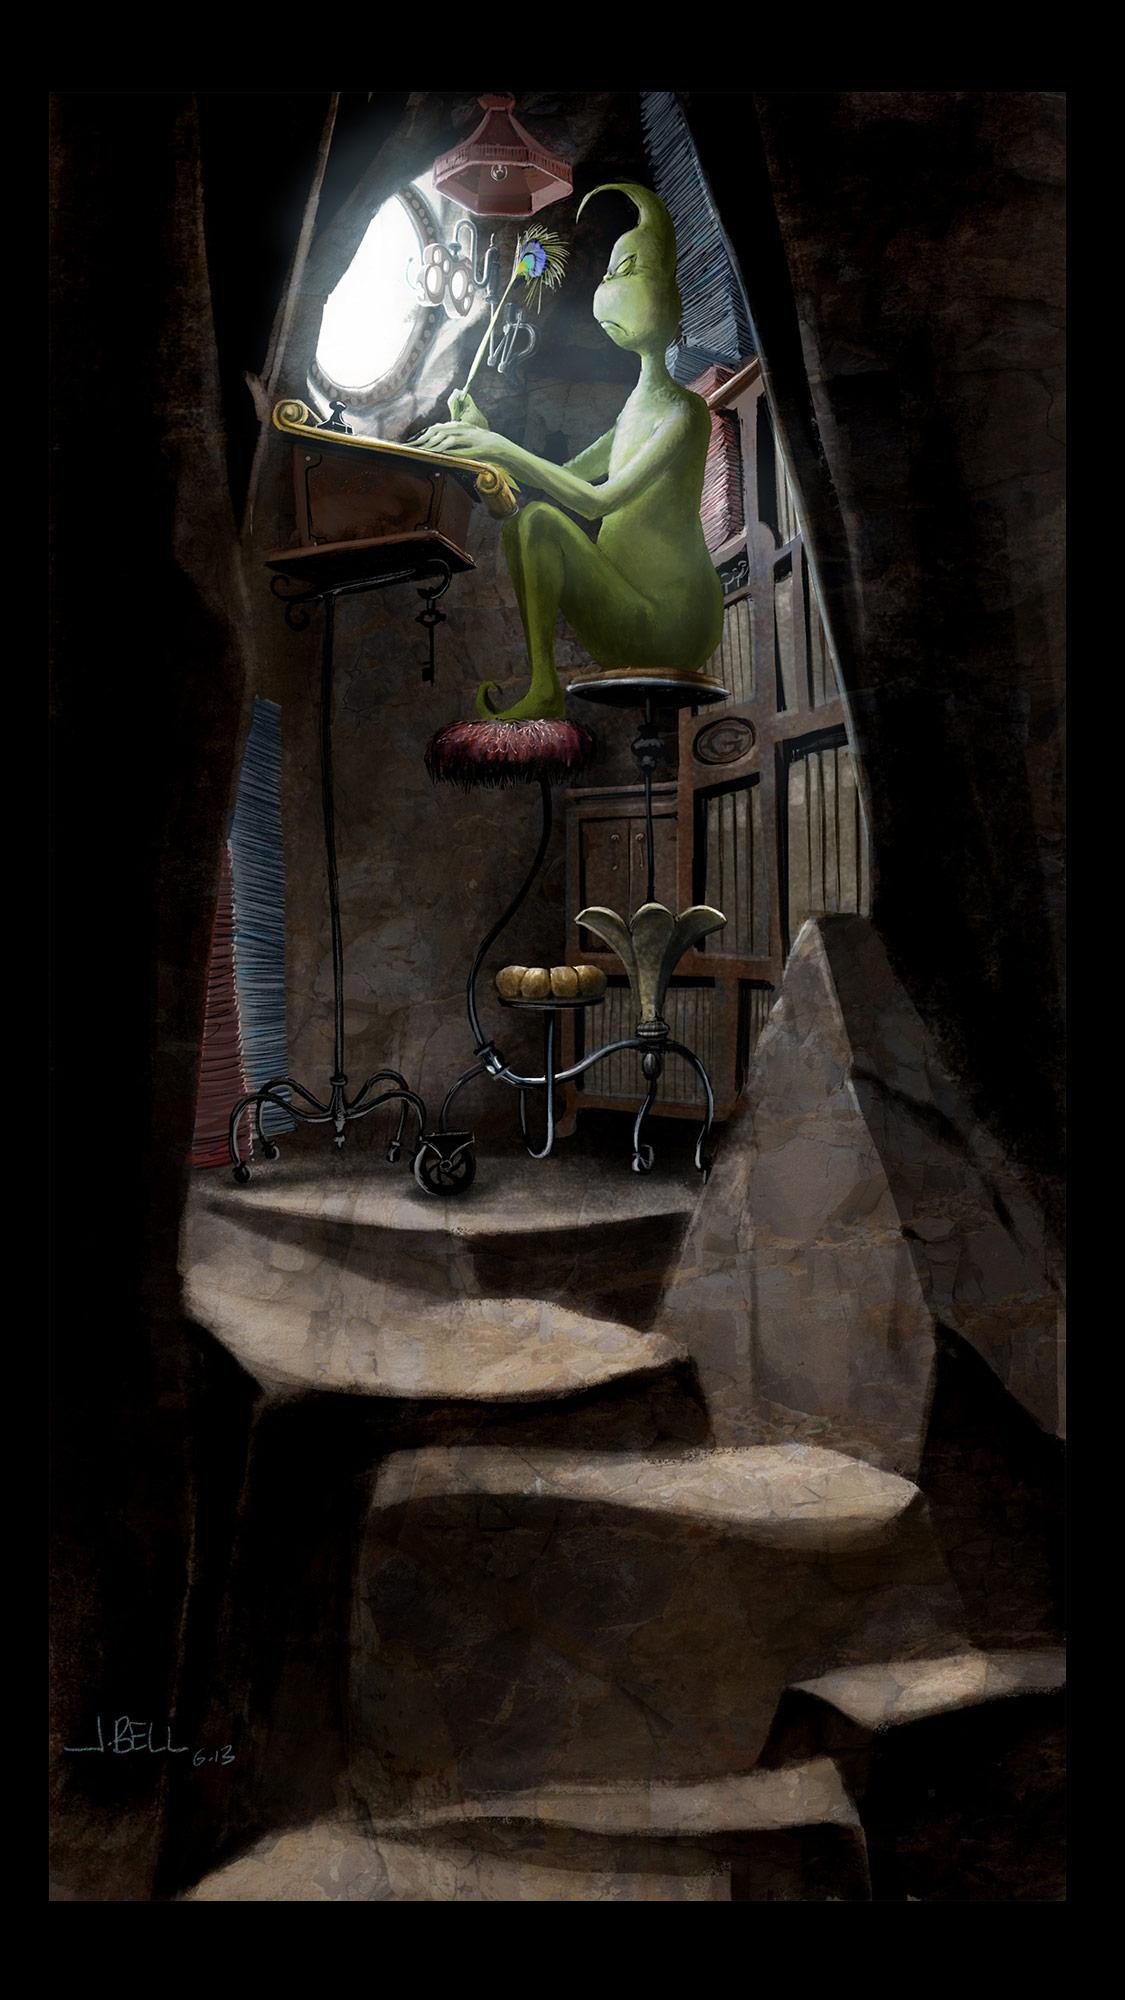 grinch-ul de la illumination, studioul care a realizat francizele despicable me si minionii,  debutat pe primul loc in box office-ul romanesc, cu incasari de peste 1,2 milioane de lei Grinch-ul de la Illumination, studioul care a realizat francizele Despicable Me si Minionii,  a debutat pe primul loc in box office-ul romanesc, cu incasari de peste 1,2 milioane de lei grinch johnbell b